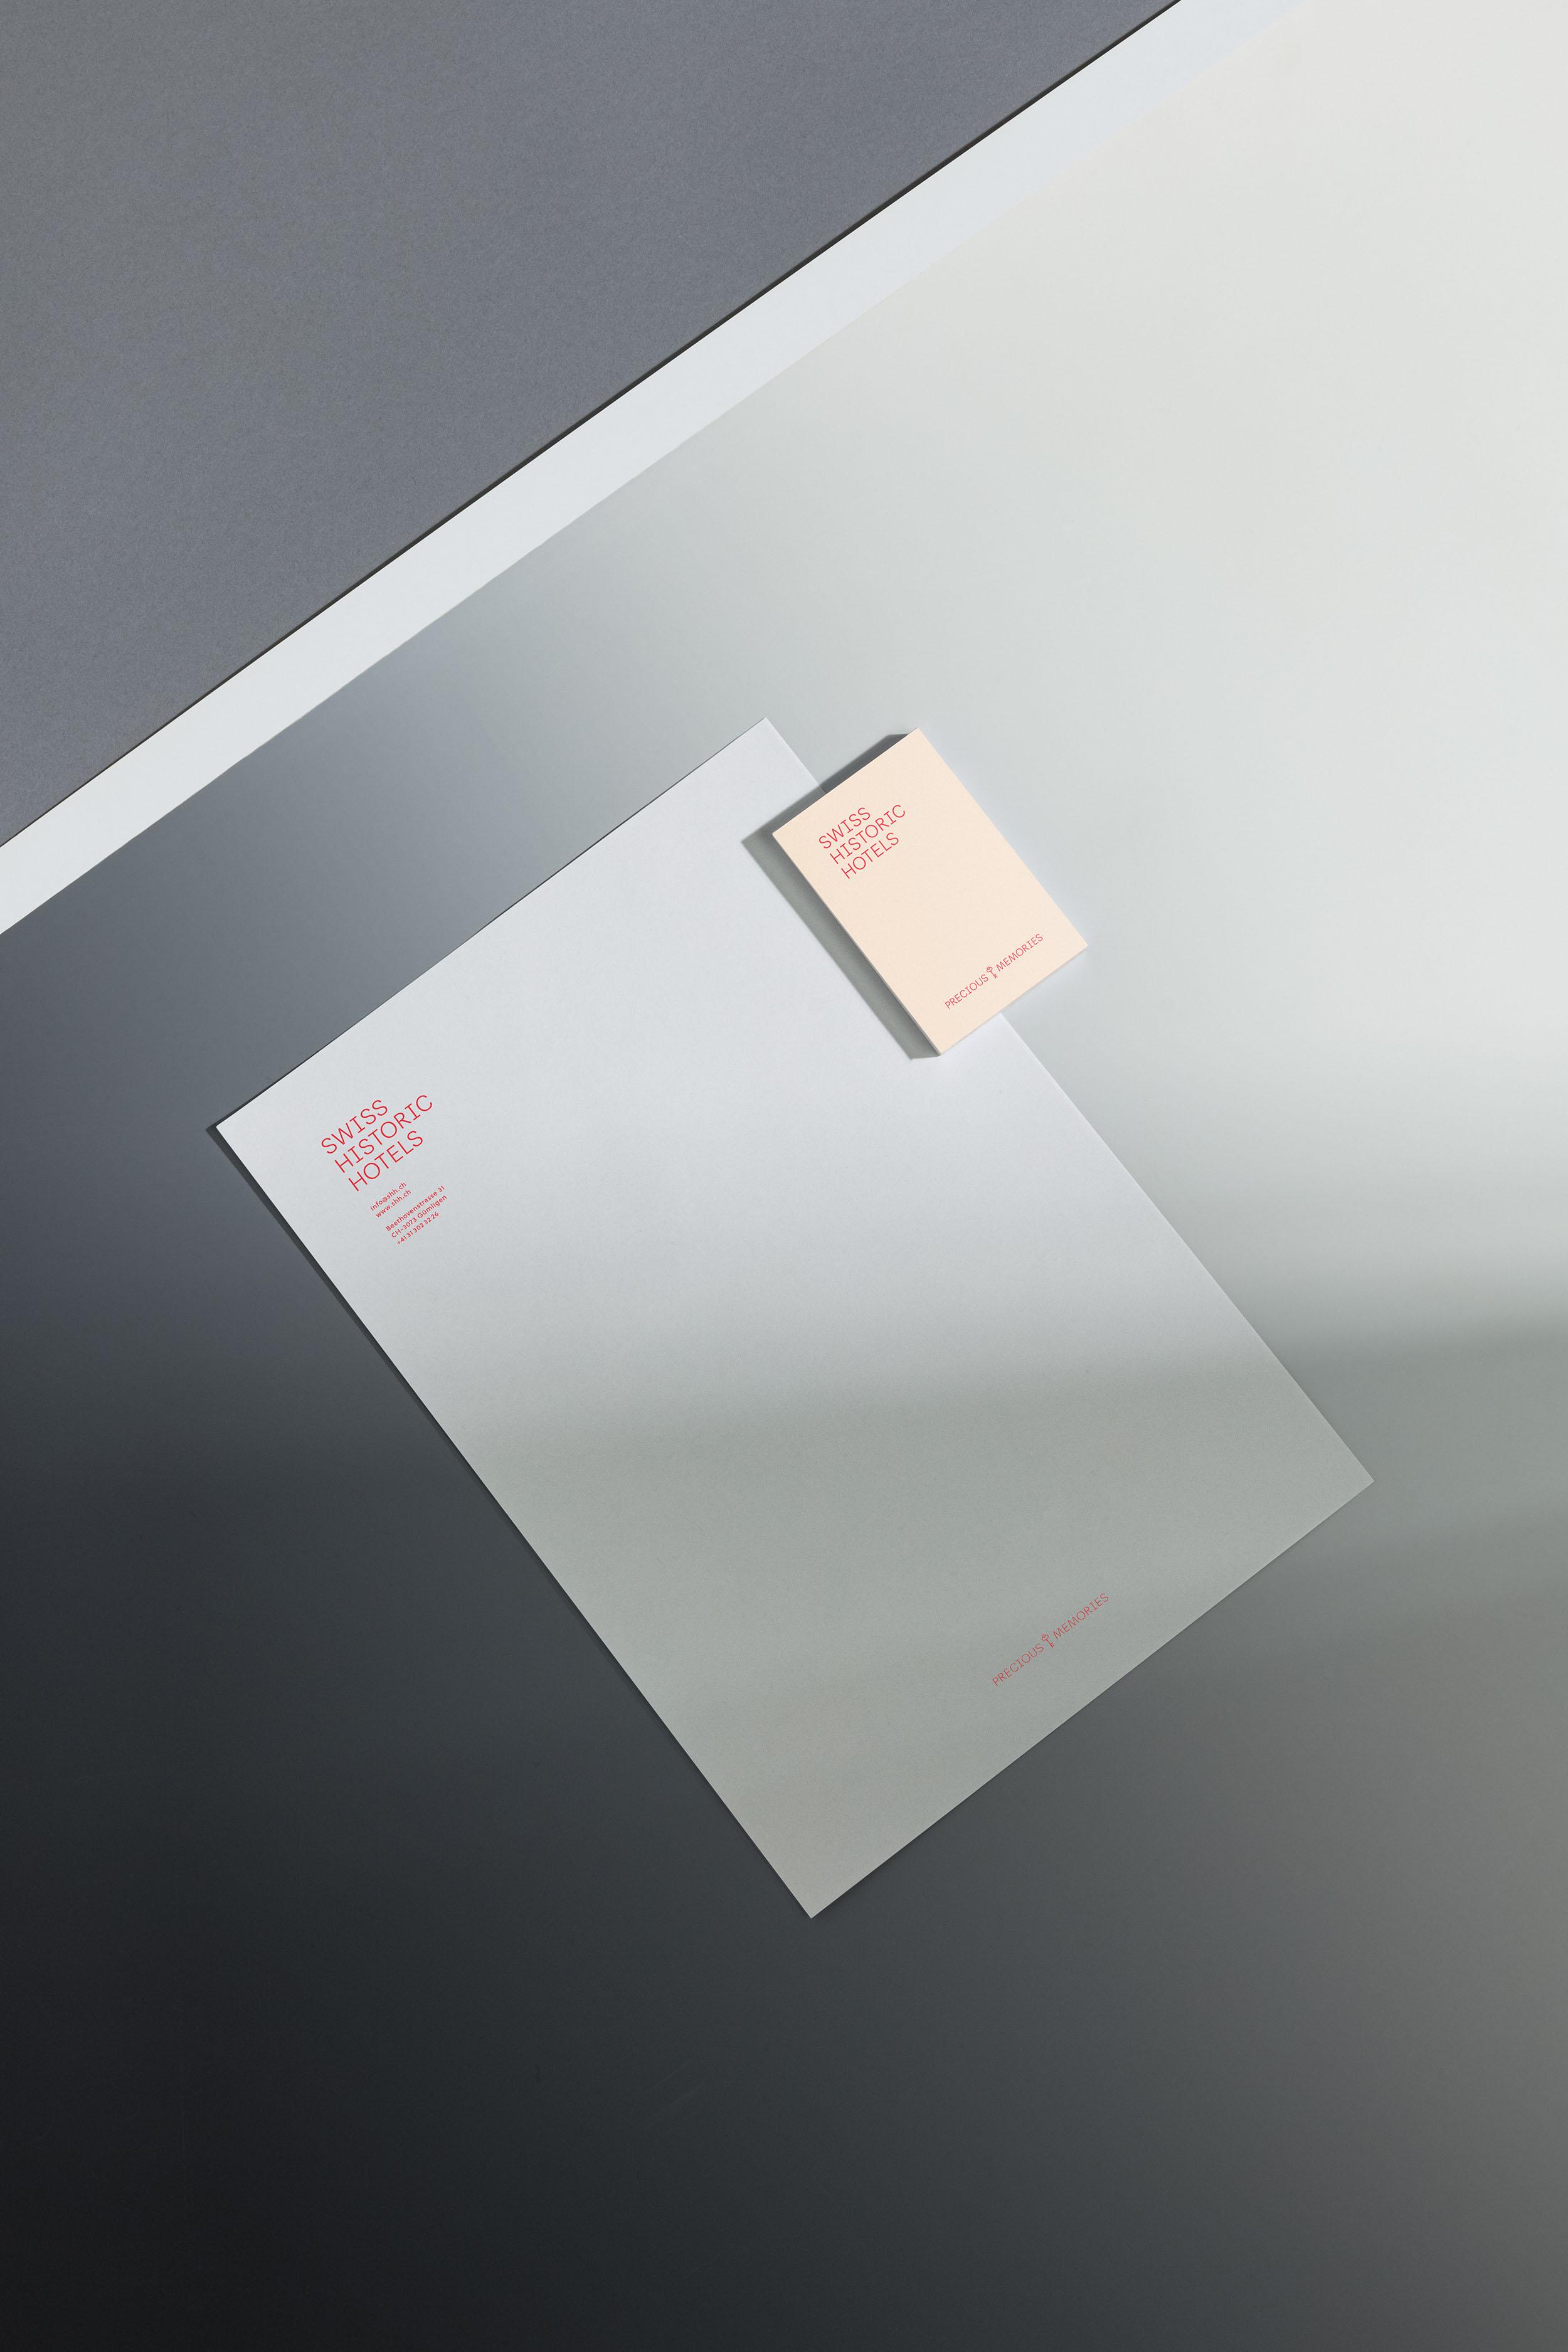 Briefpapier und Visitenkarte für Swiss Historic Hotels, liegend auf grauem Hintergrund